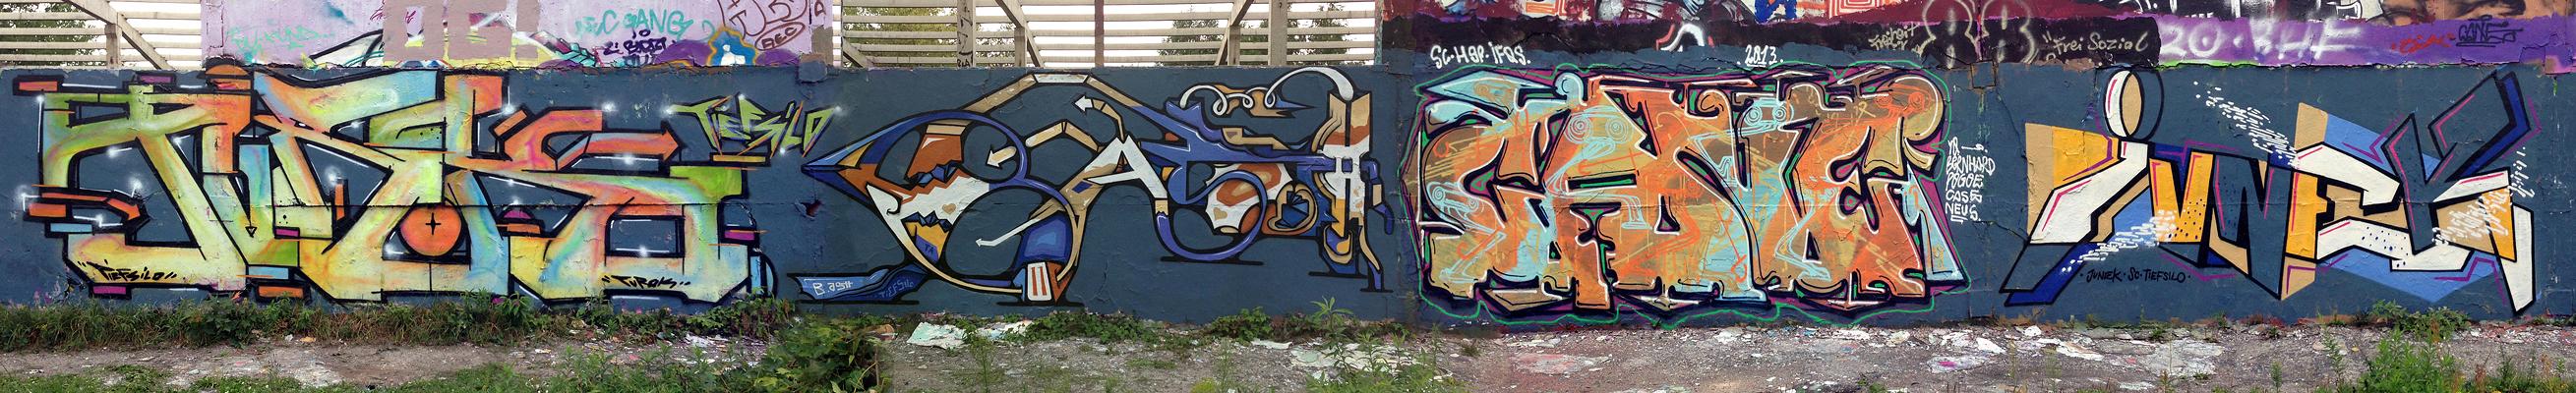 Turok_B.ash-Cane_Junek_Berlin_2013_web